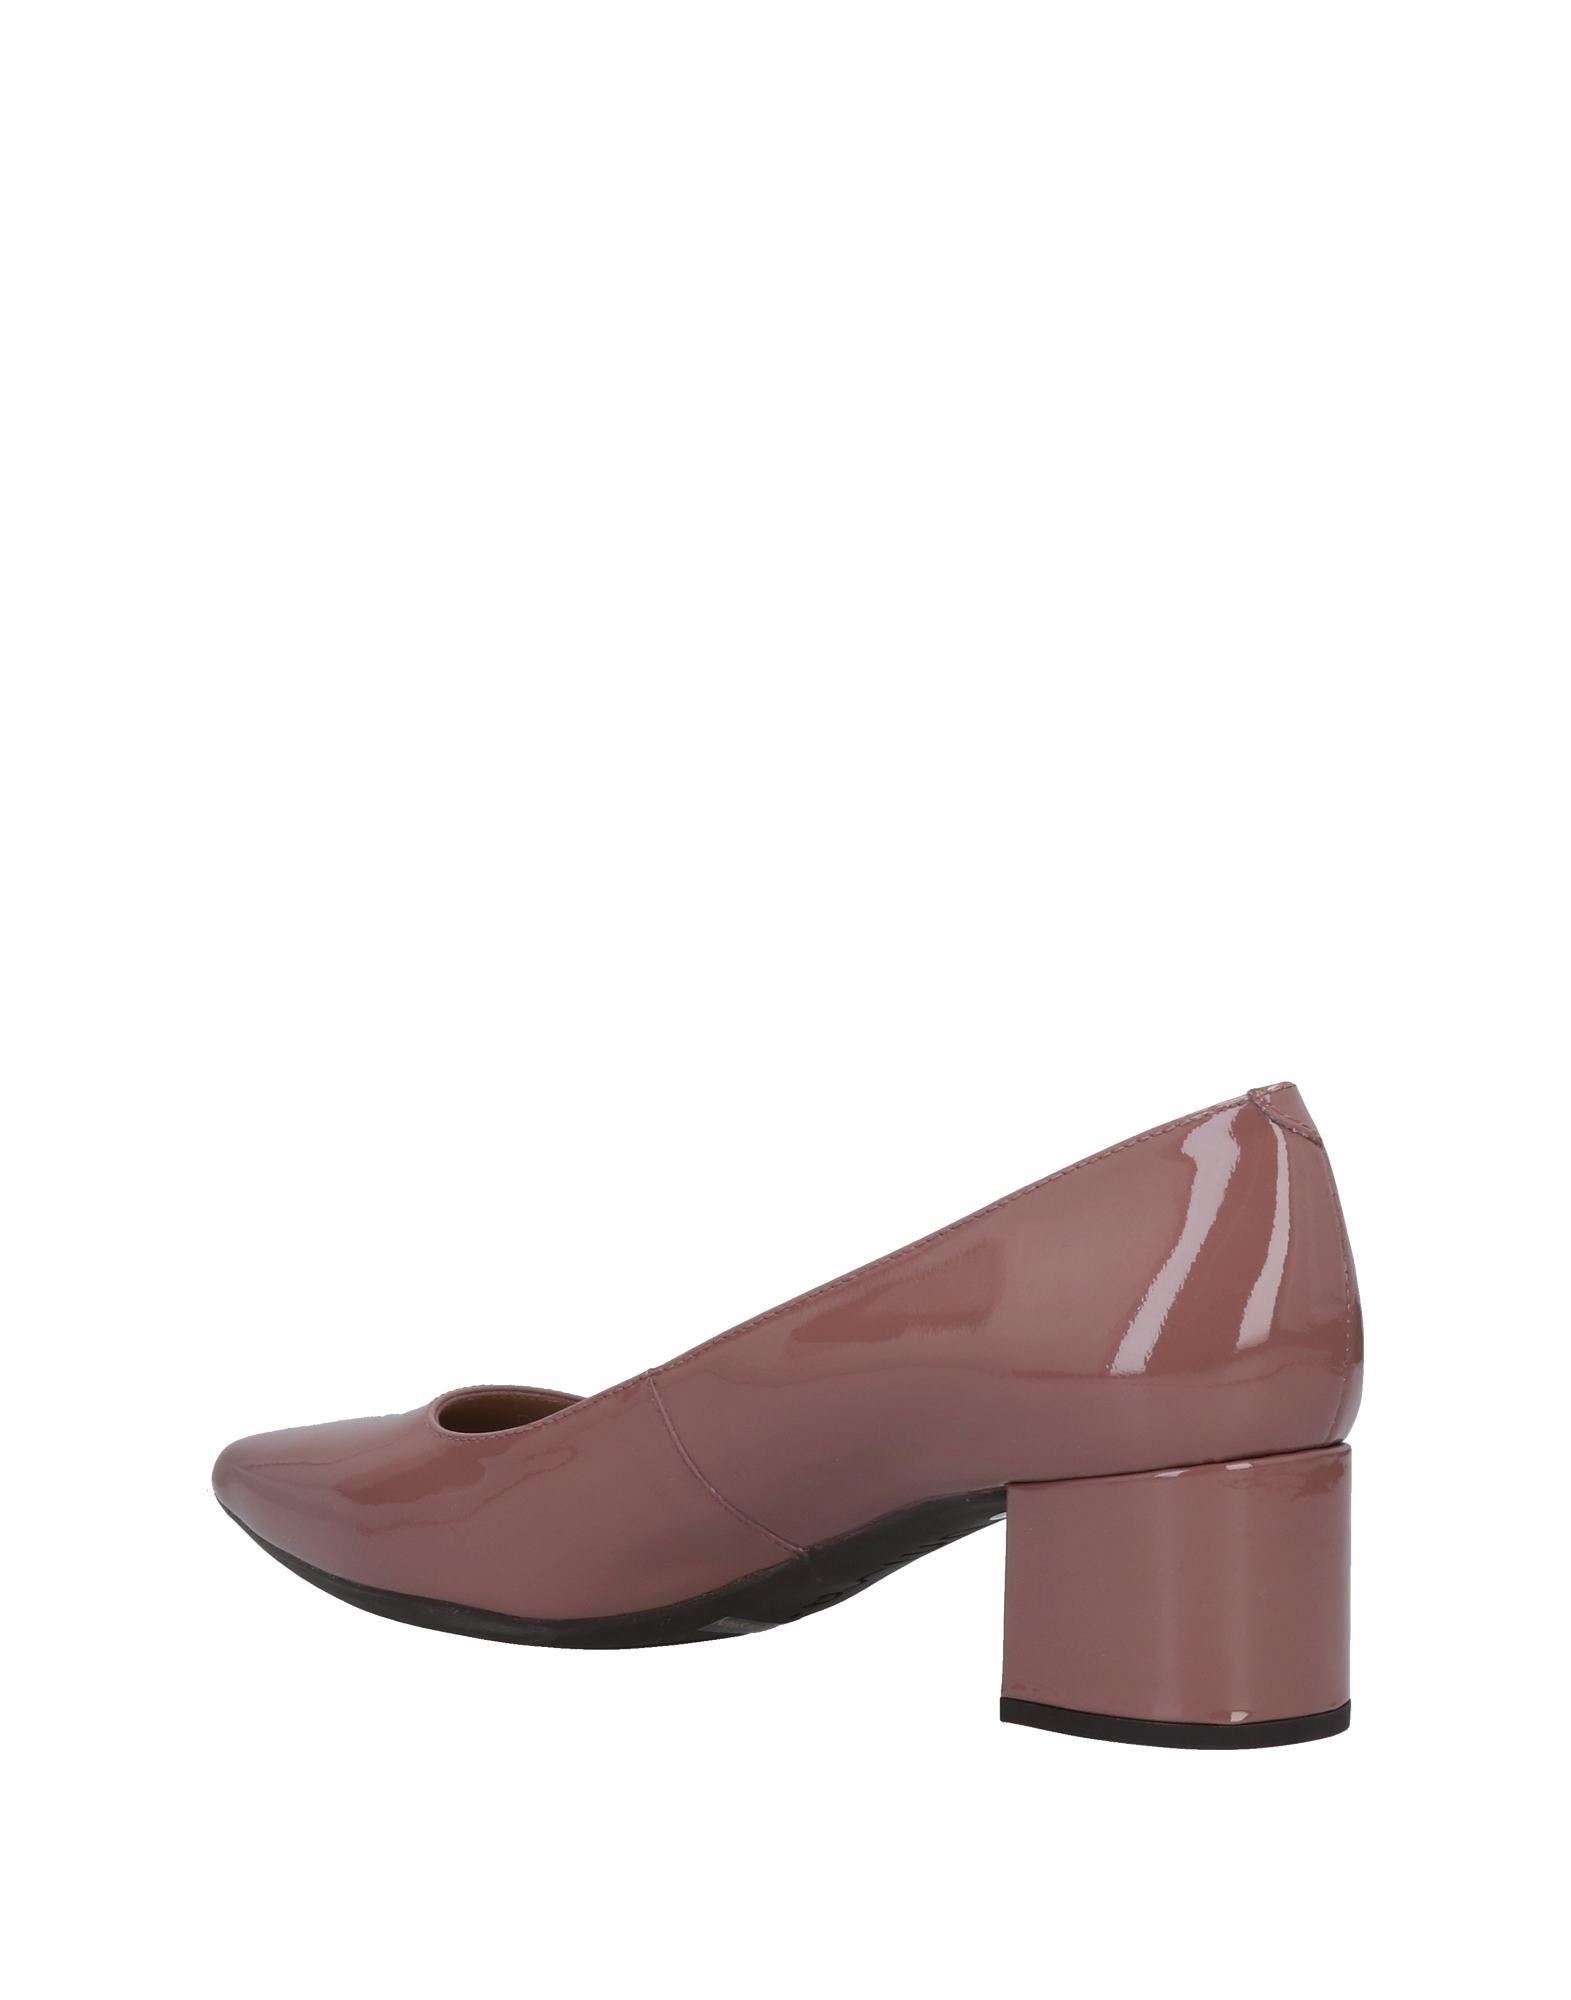 Unisa Pumps Damen  11484869HJ 11484869HJ 11484869HJ Gute Qualität beliebte Schuhe 472184